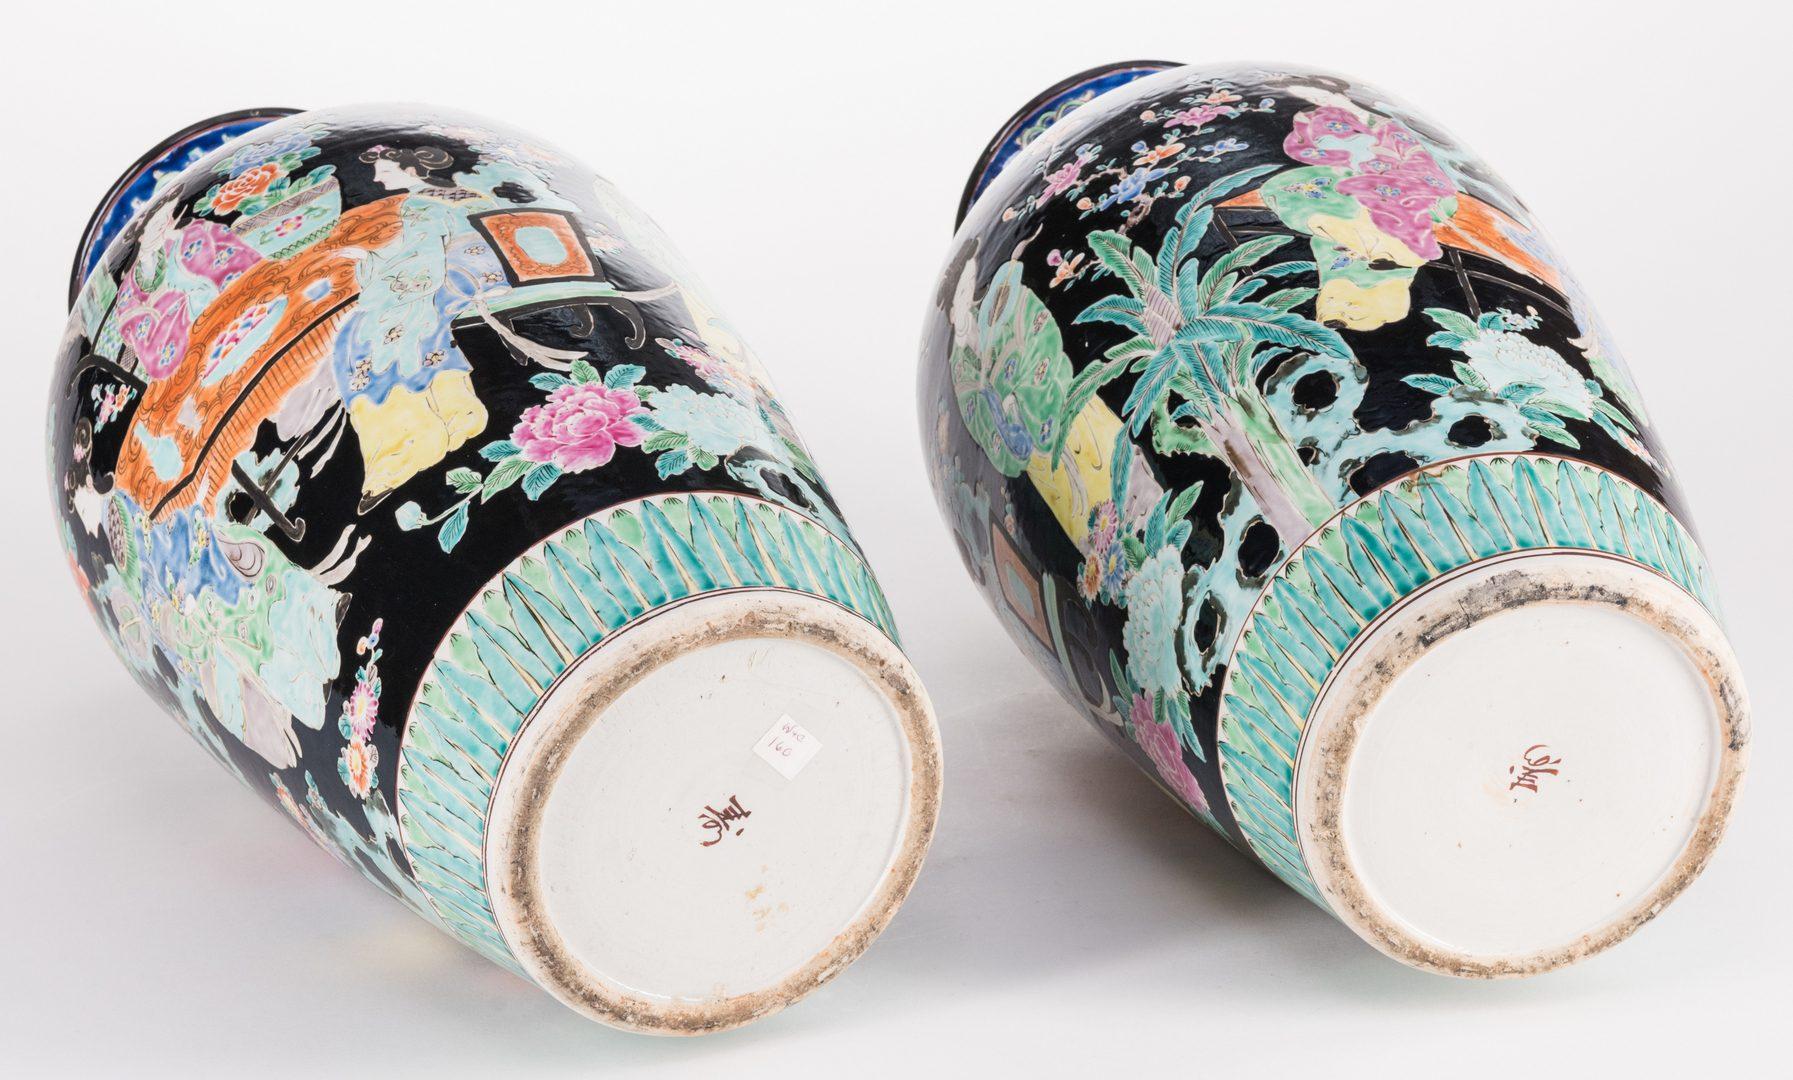 Lot 26: Pr. Chinese Famille Noire Floor Vases